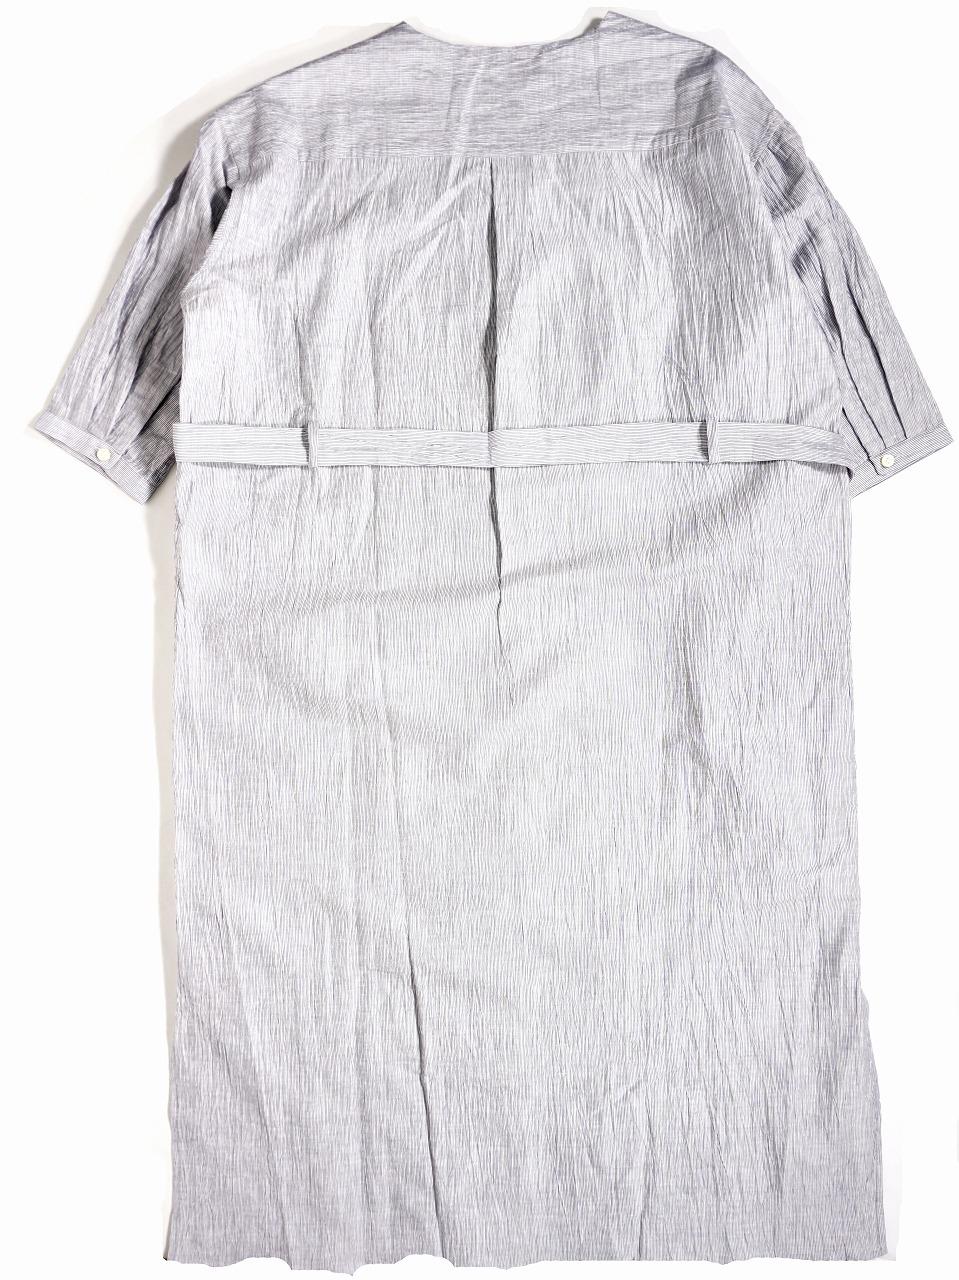 No Collar Long Shirt